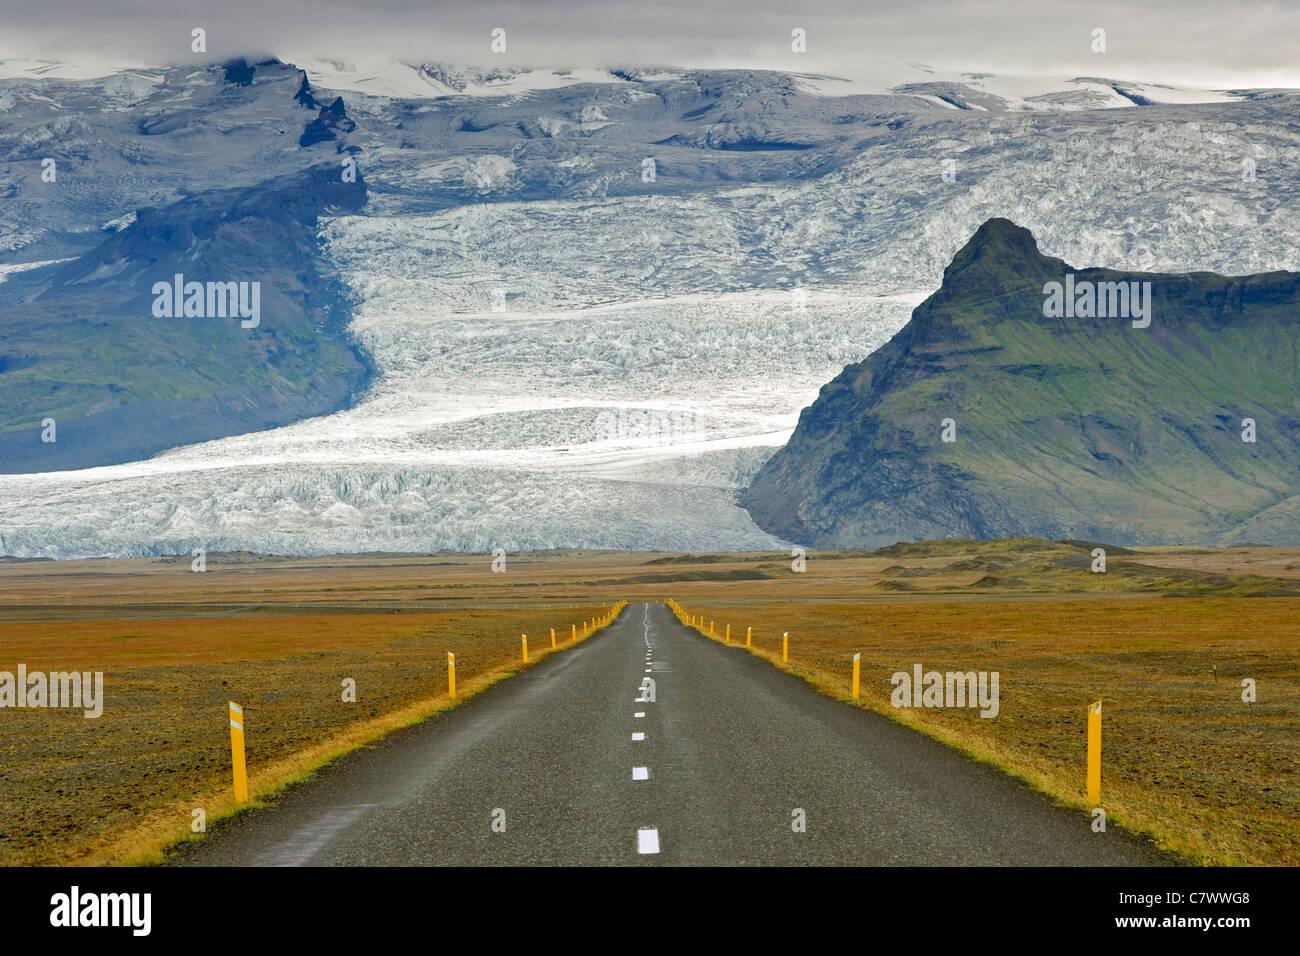 Die isländischen Ringstraße und Pisten Islands höchsten Berg Hvannadalshnúkur (2110m), Teil Stockbild